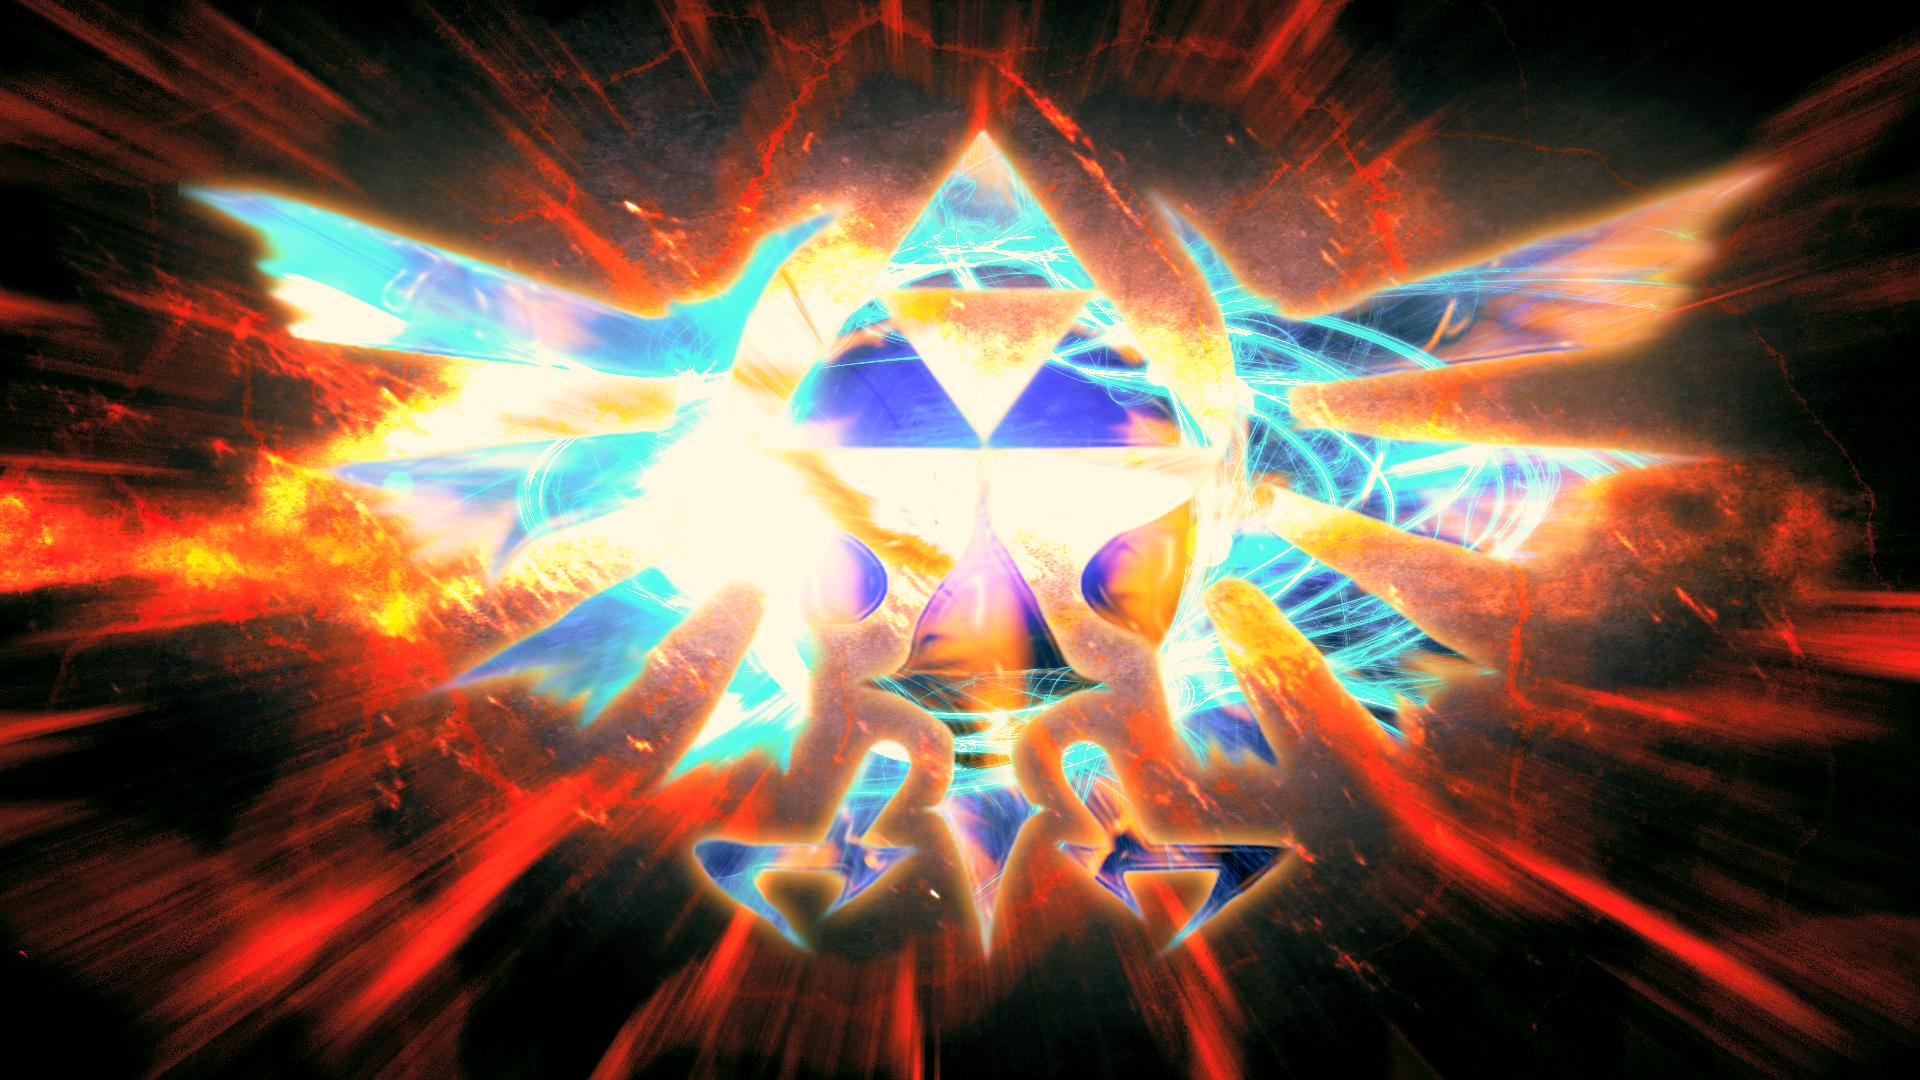 download The Legend of Zelda Wallpaper by Hardii [1920x1080 1920x1080